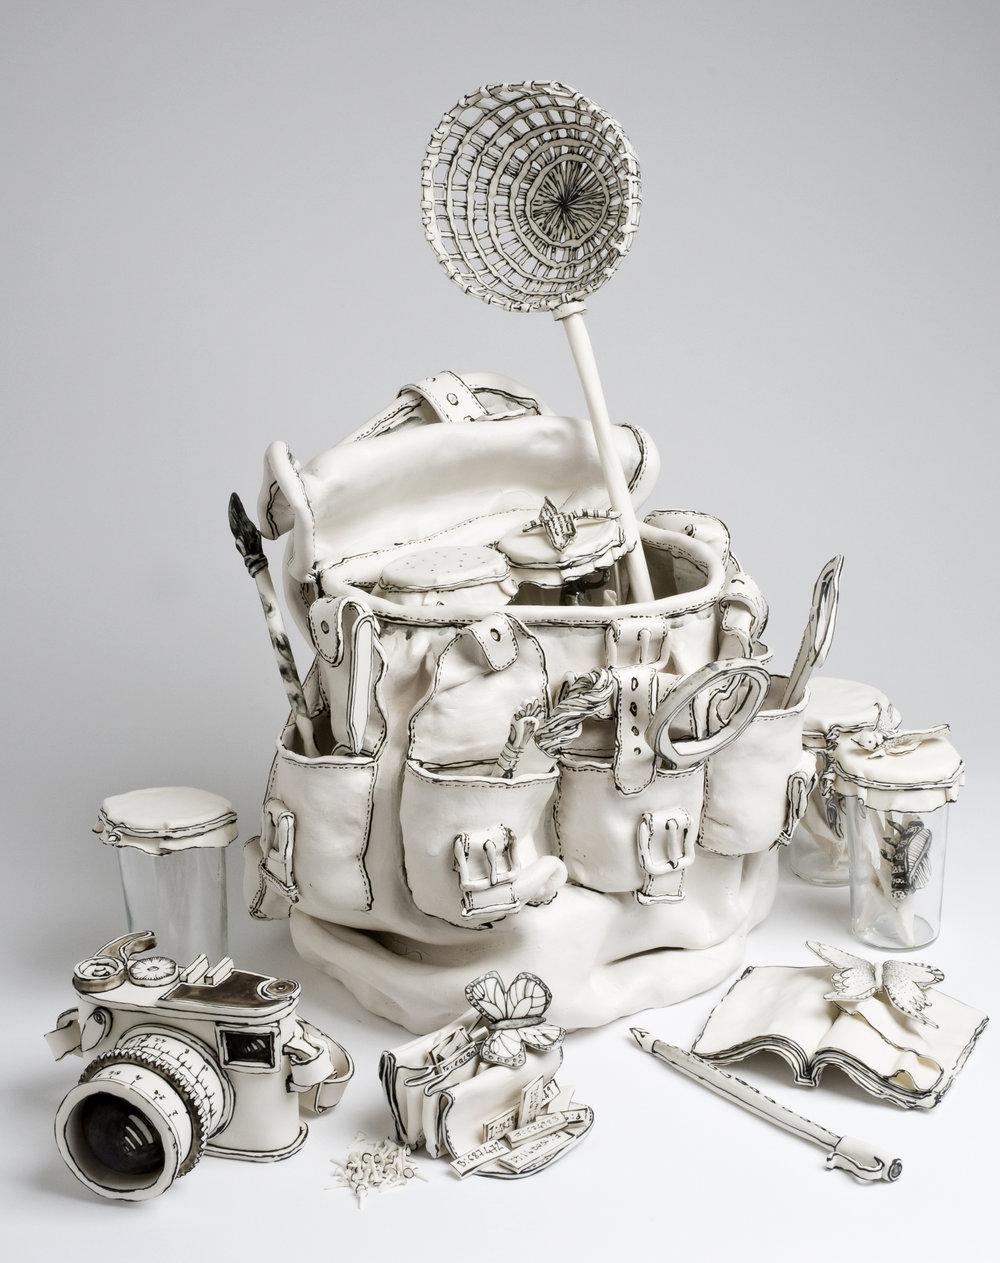 Katharine Morling  - Explorer Equipment Kit  - 2019 - Porcelain and Black Stain - available on commission